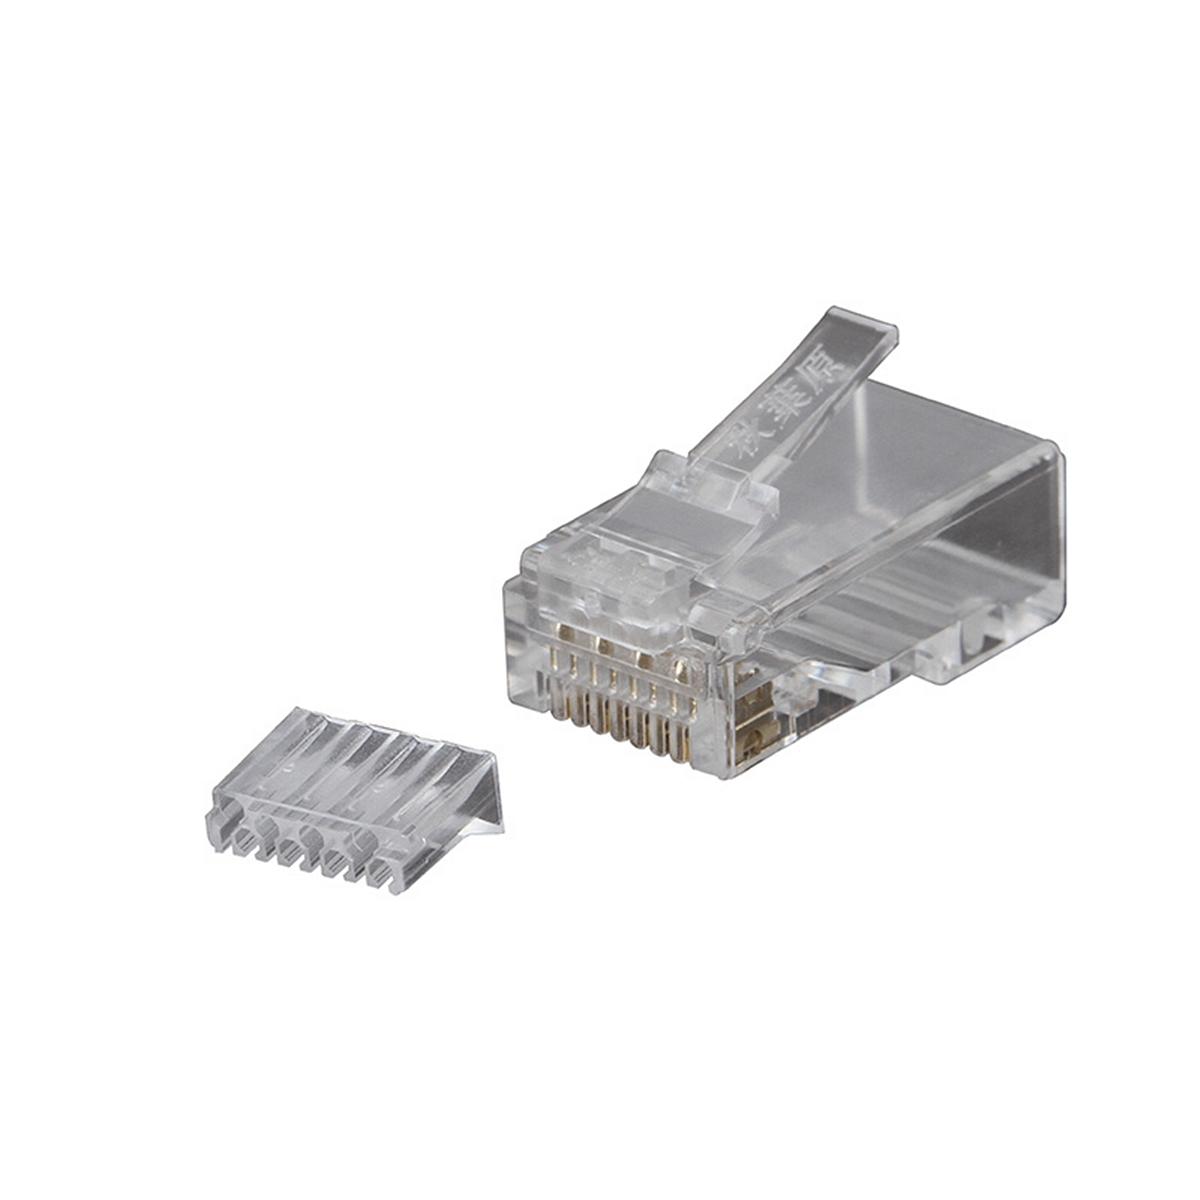 秋叶原QS6015/RJ45水晶头超五类非屏蔽100个/盒(盒)